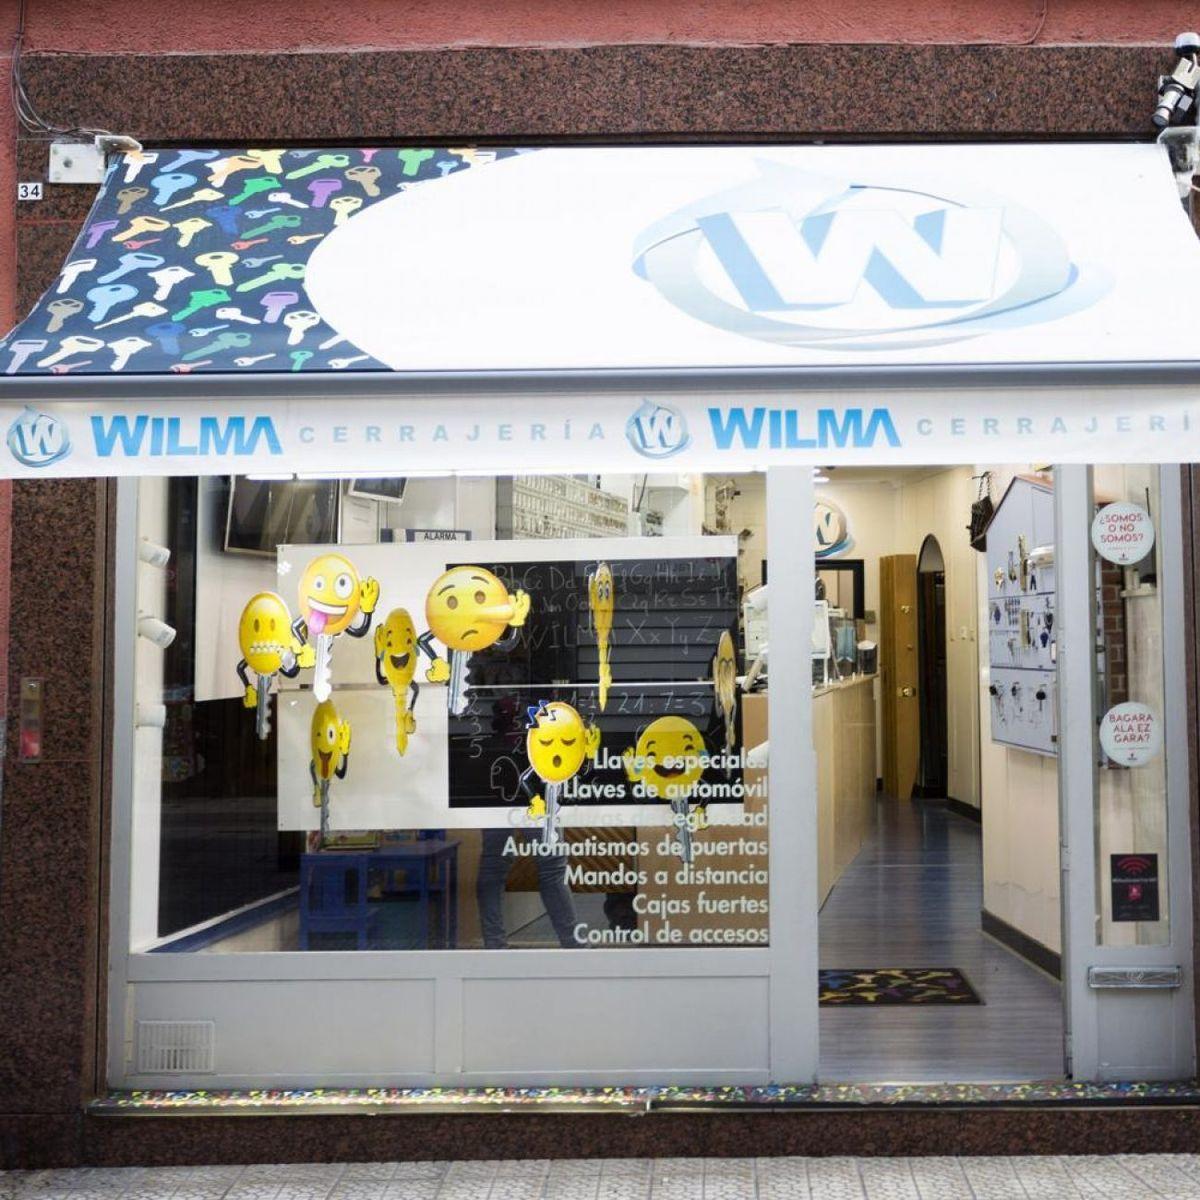 4205-cerrajeria-wilma-01